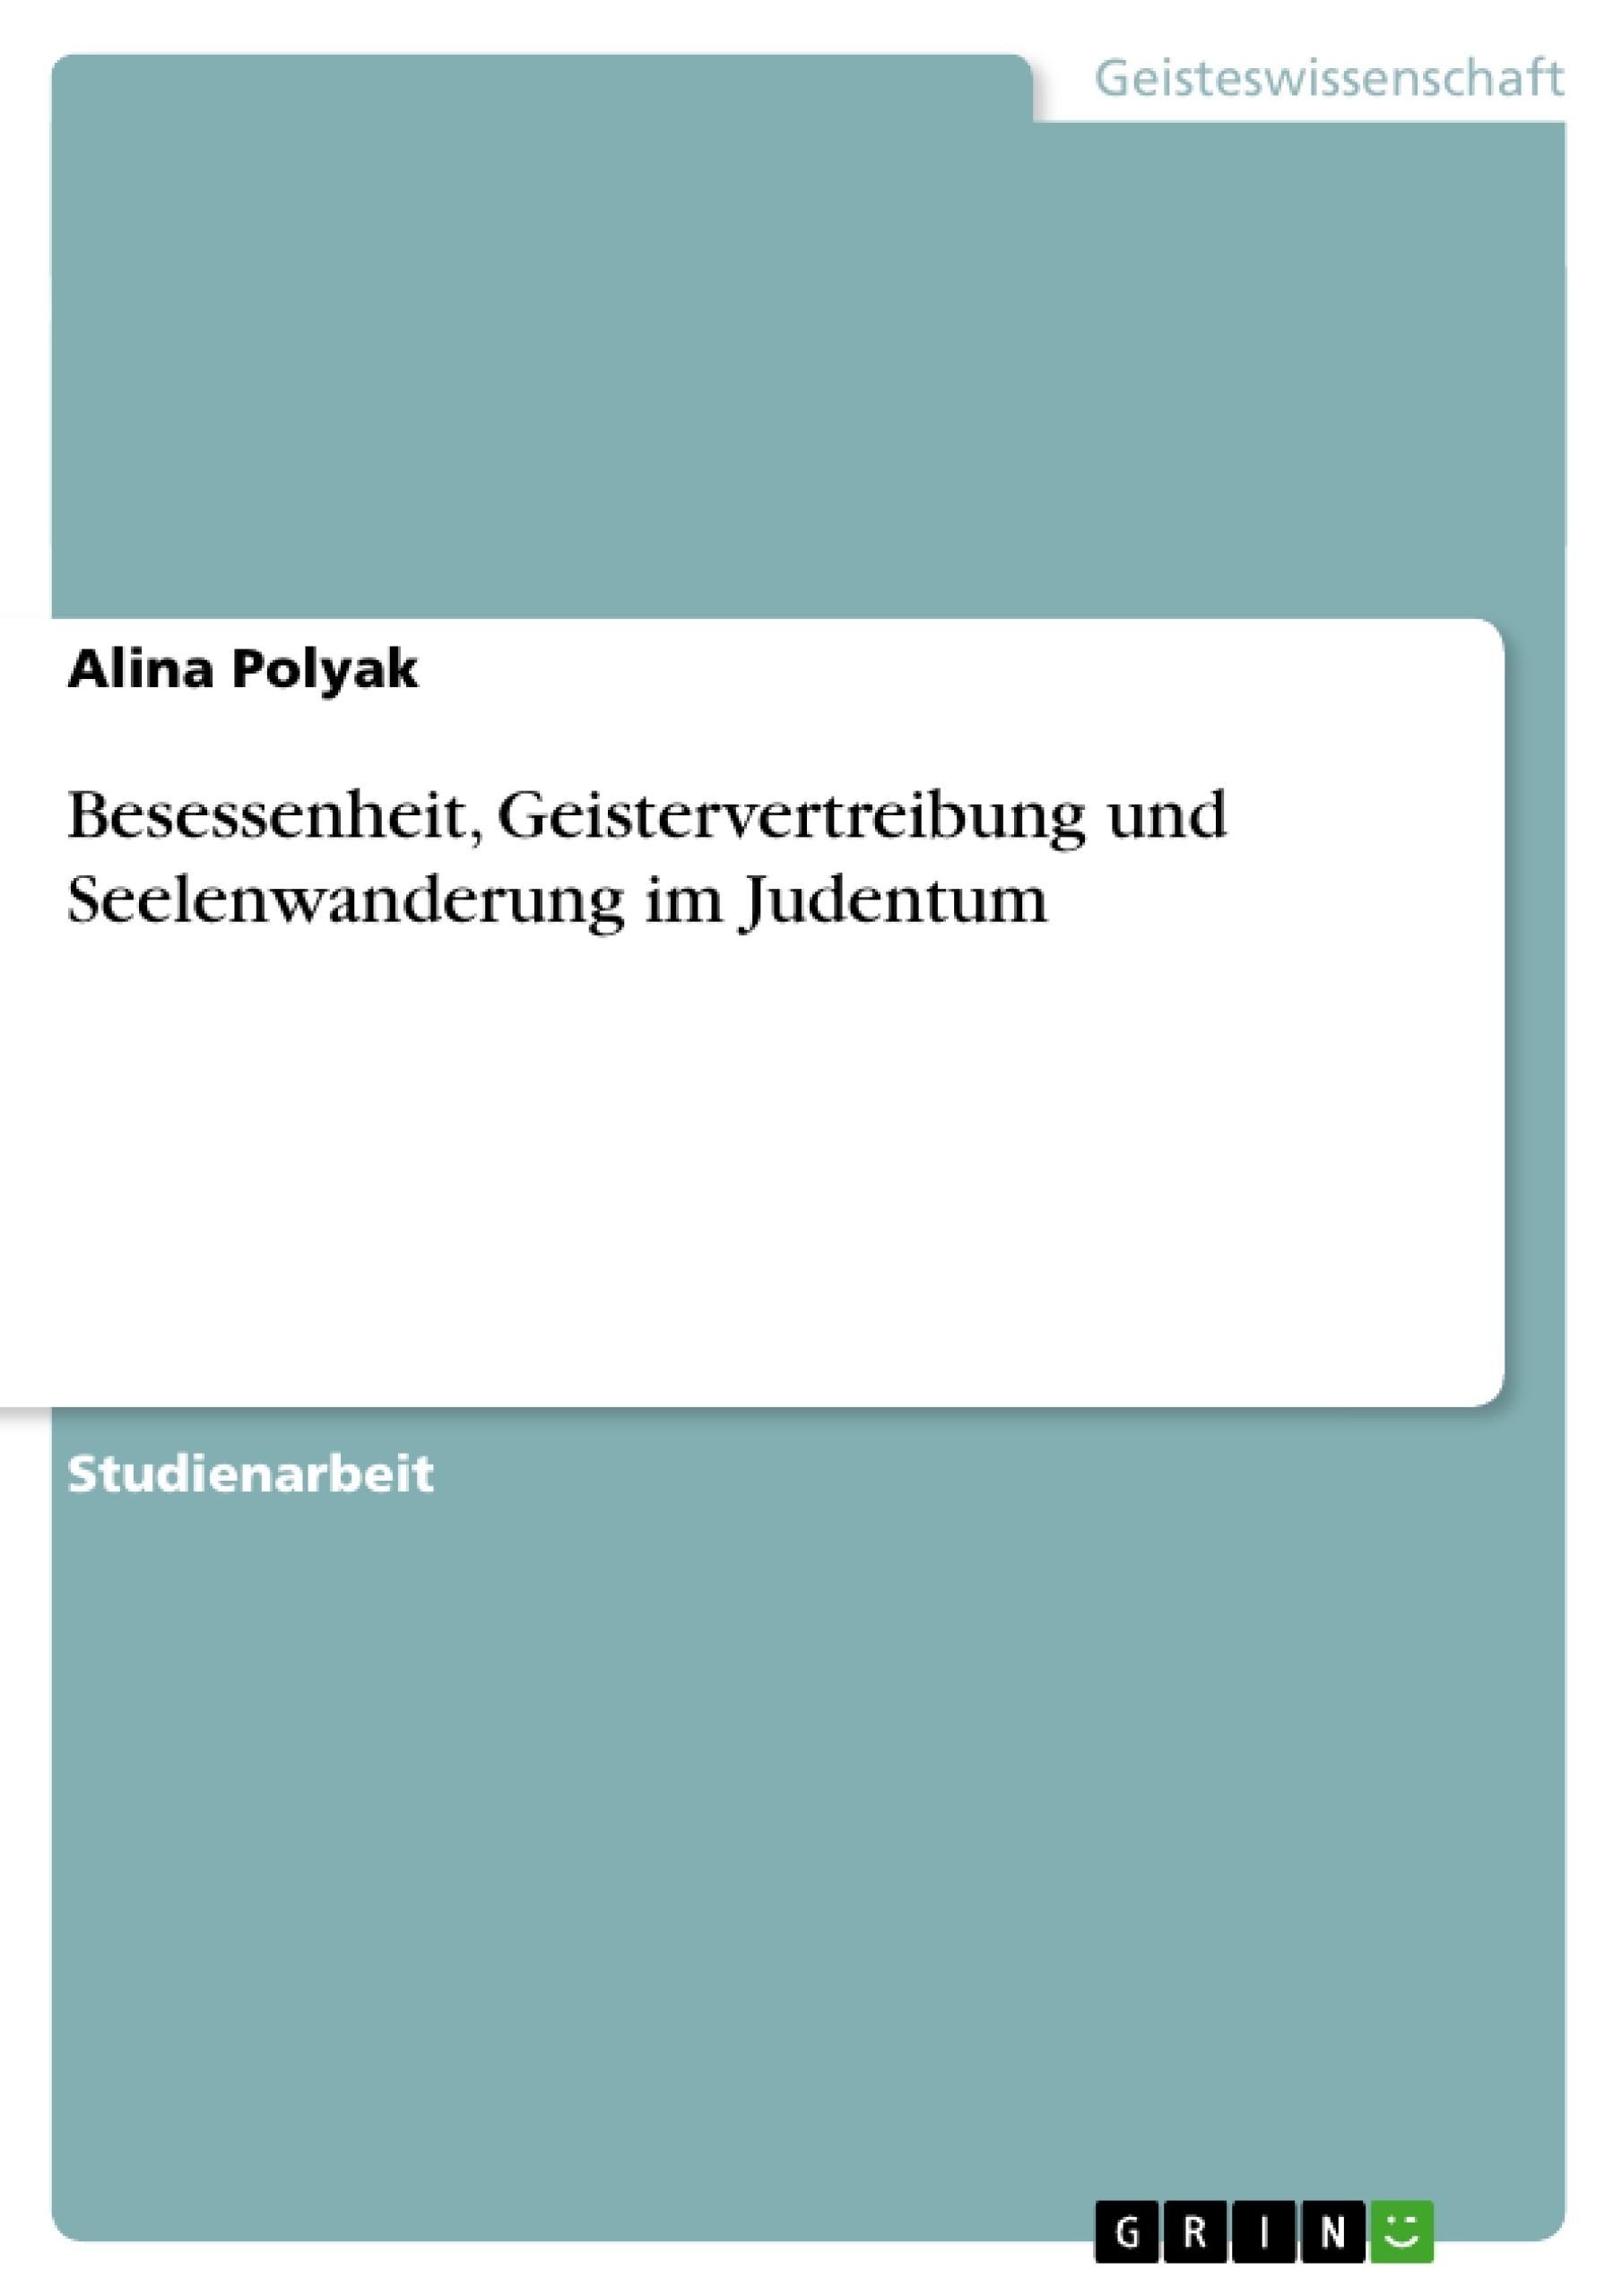 Titel: Besessenheit, Geistervertreibung und Seelenwanderung im Judentum